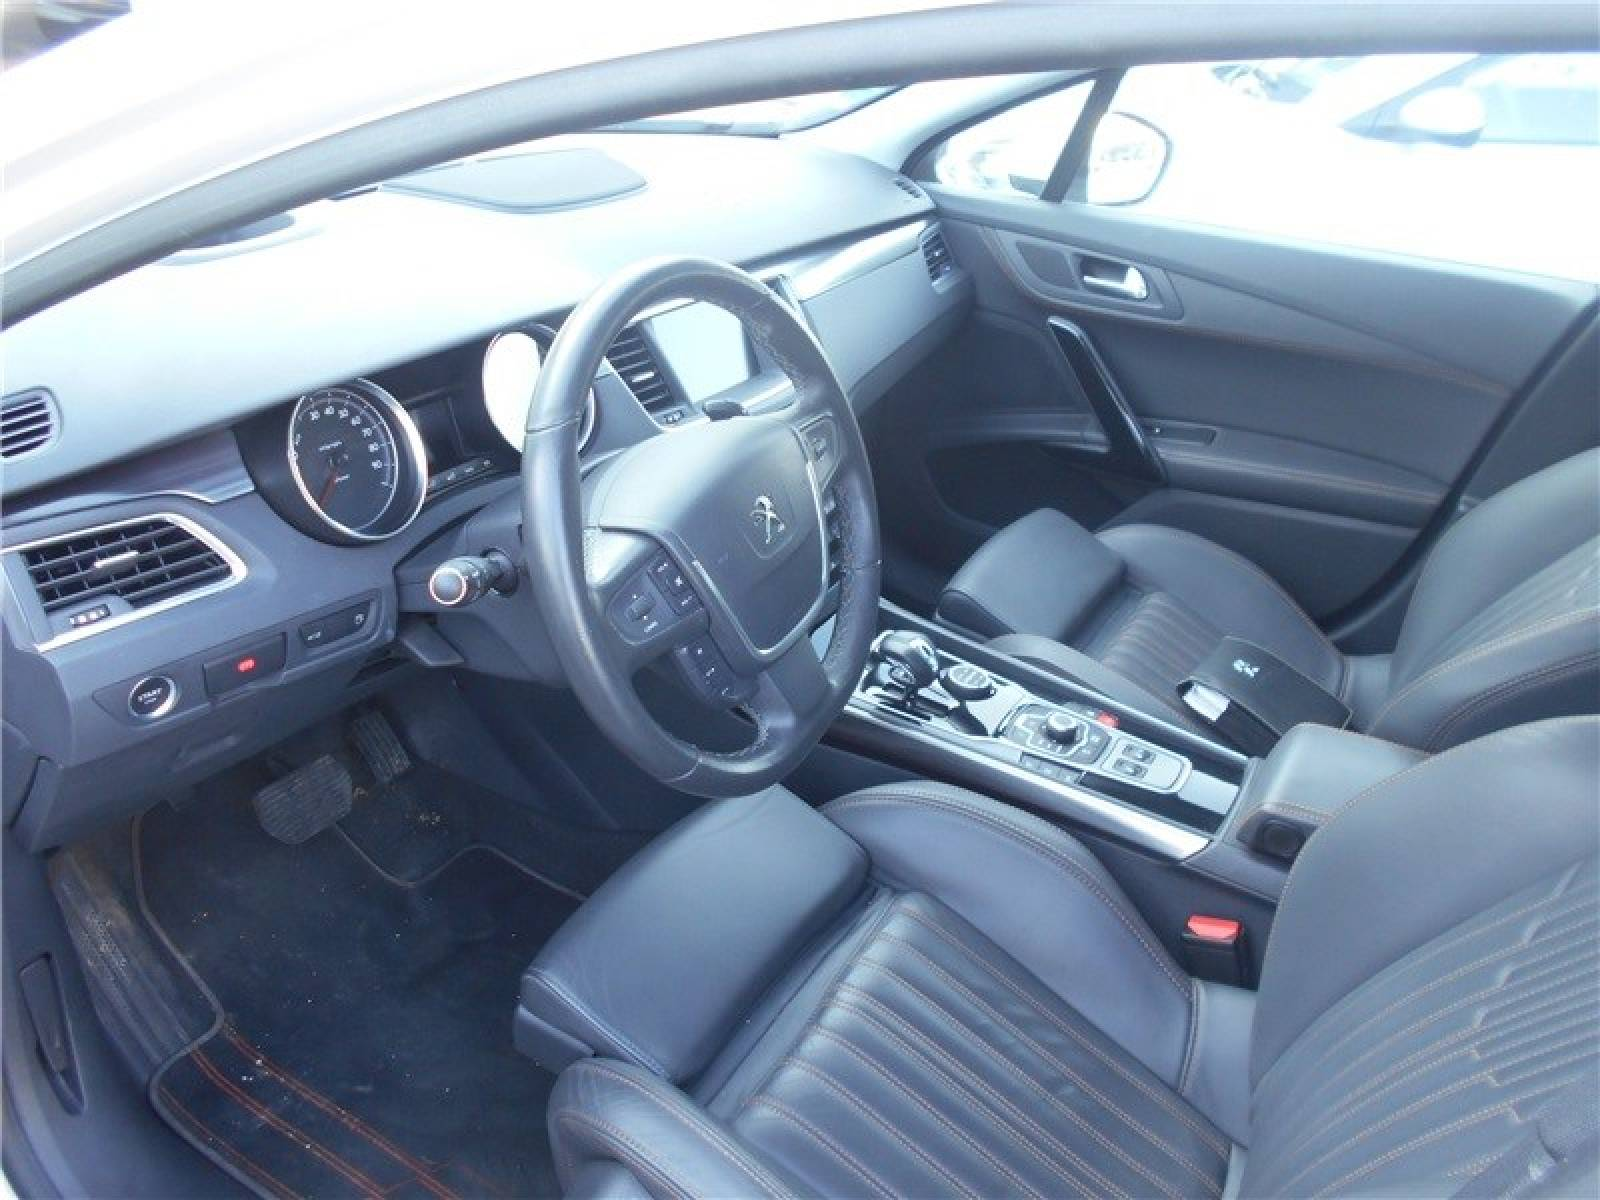 PEUGEOT 508 RXH 2.0 HDi 163ch ETG6 + Electric 37ch - véhicule d'occasion - Groupe Guillet - Chalon Automobiles - 71100 - Chalon-sur-Saône - 6